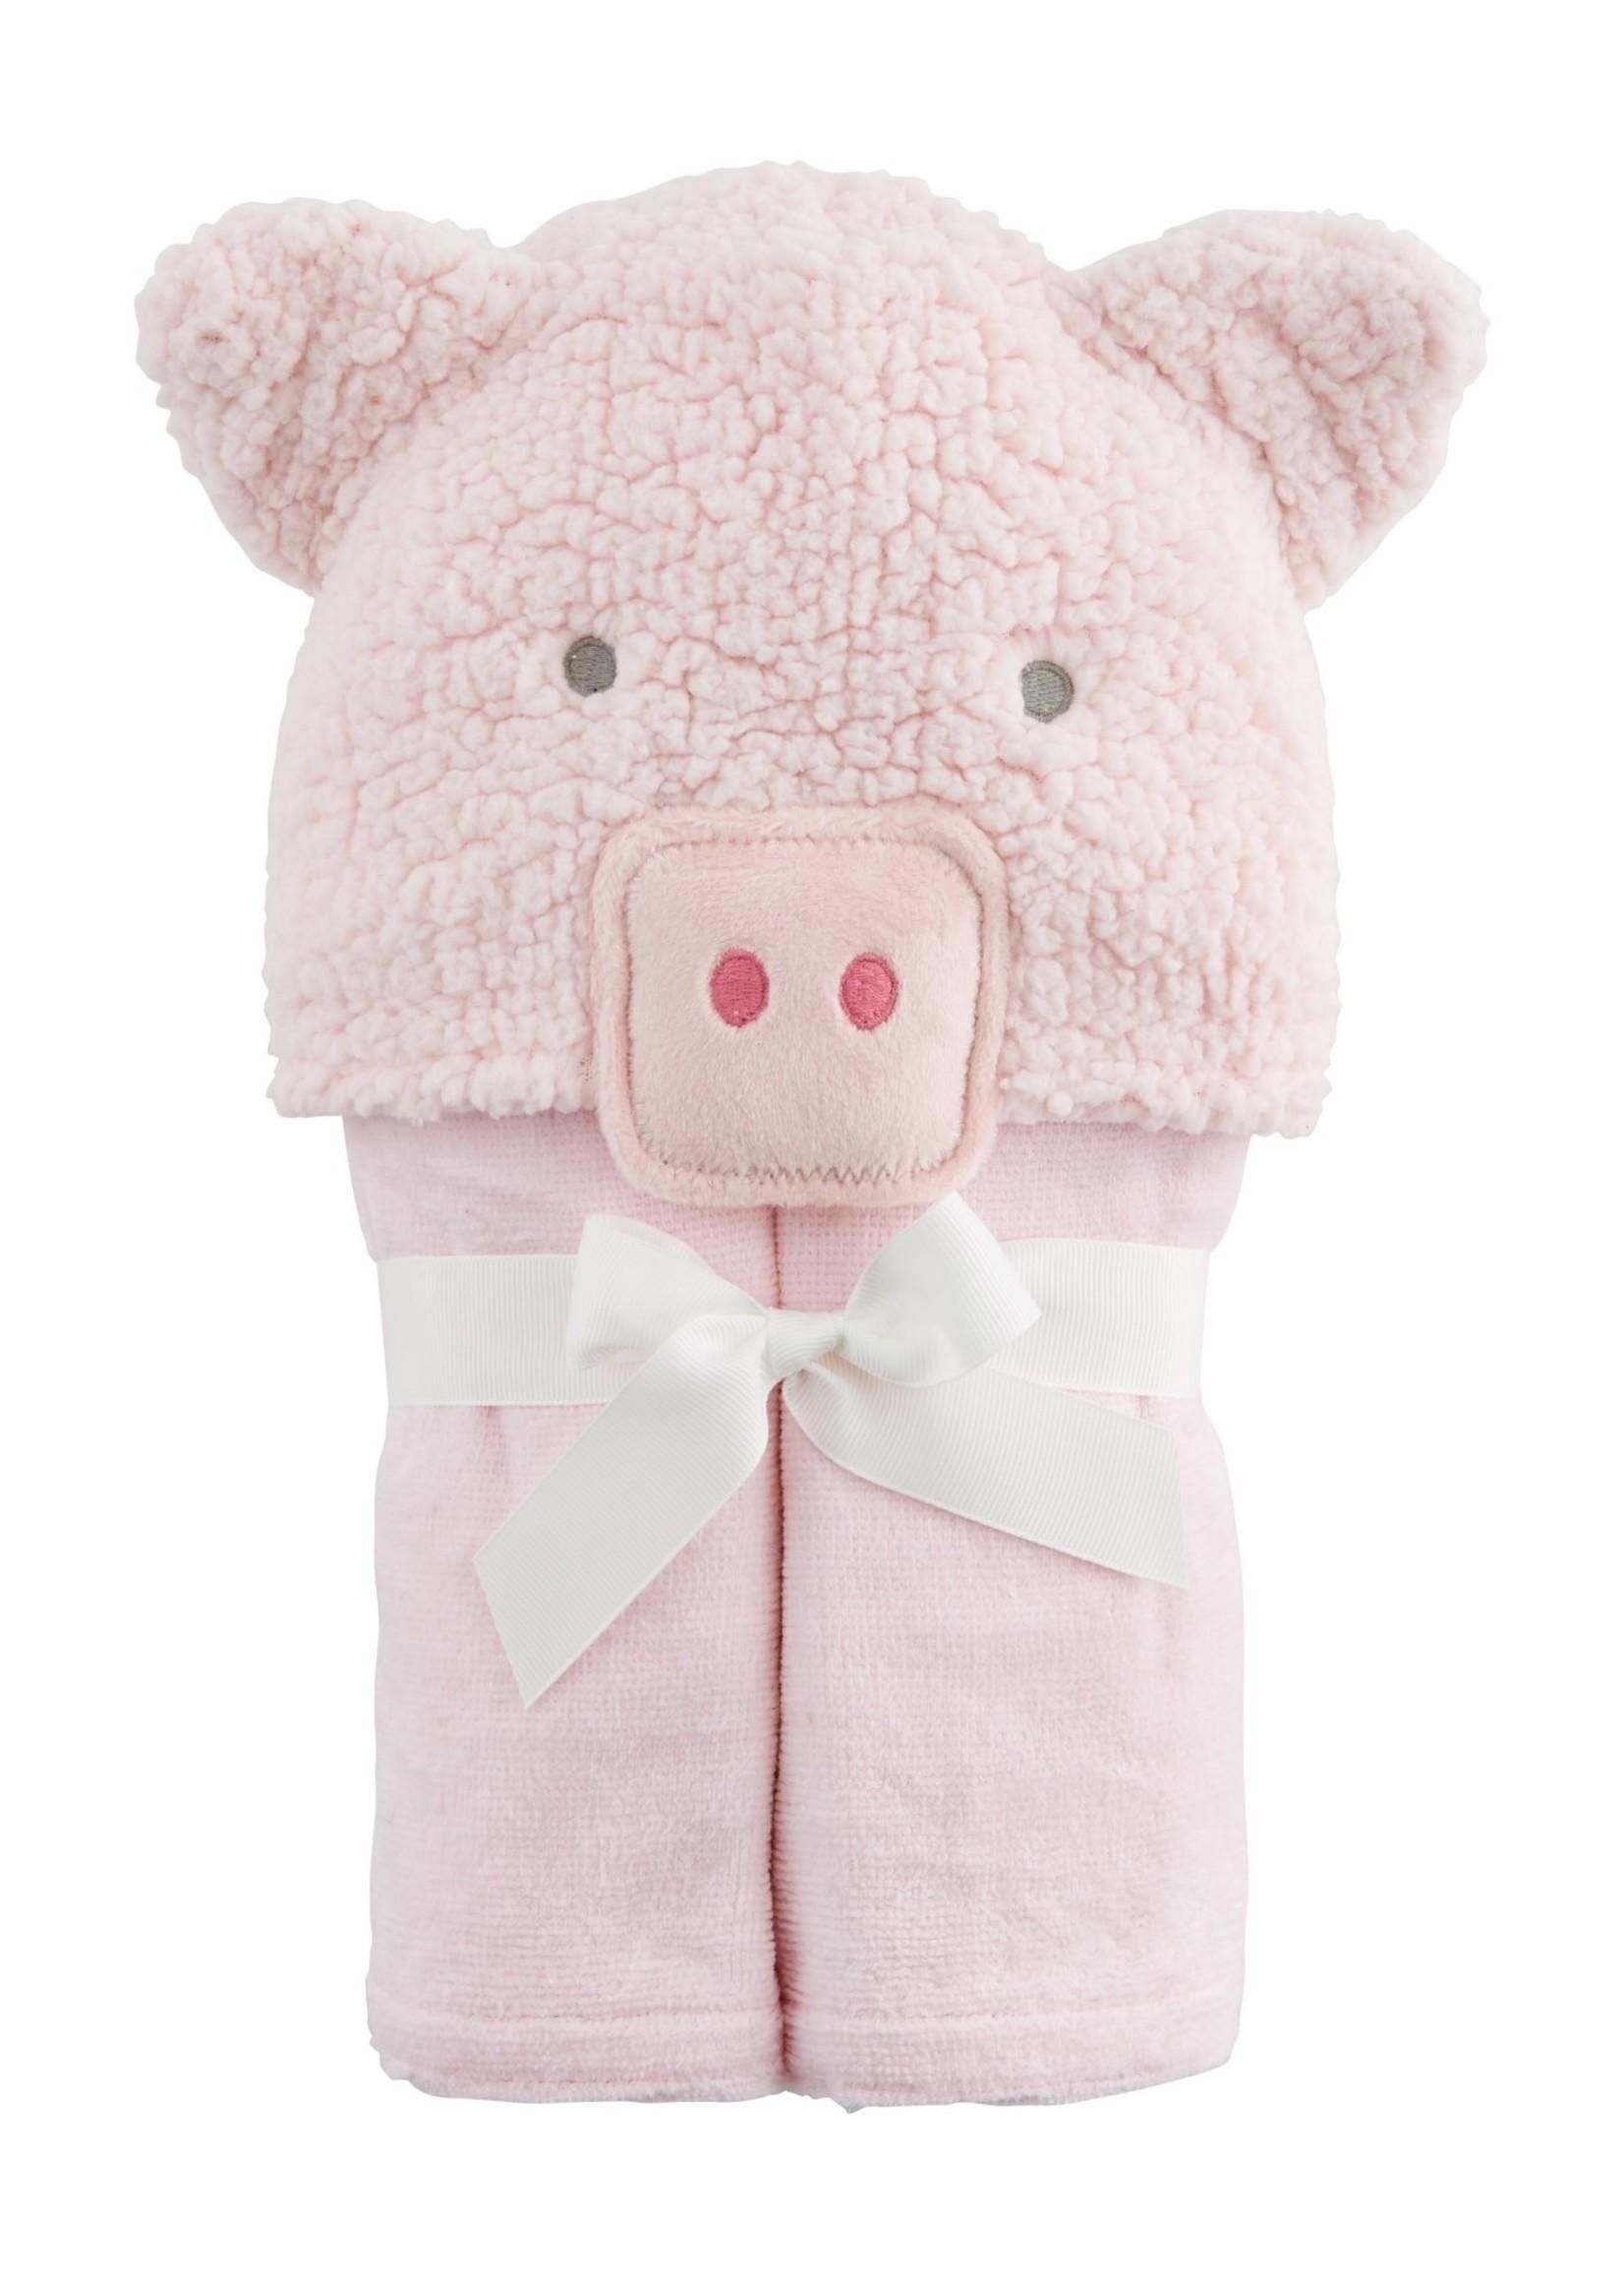 Pig Baby Hooded Towel